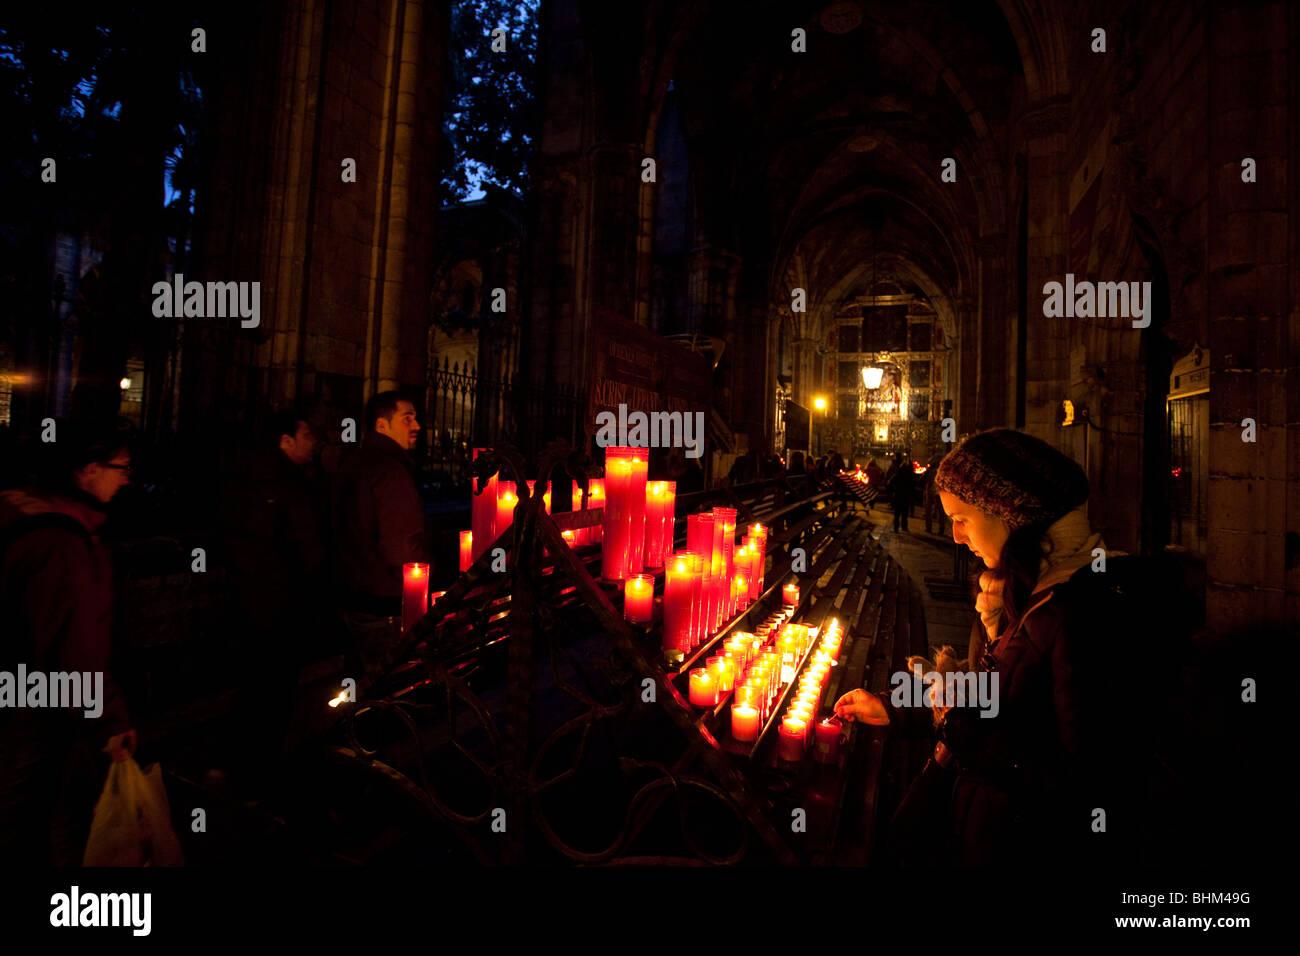 Mädchen beten in der Nacht, im Kreuzgang der Kathedrale Santa Eulalia, Barcelona, Spanien. Stockbild